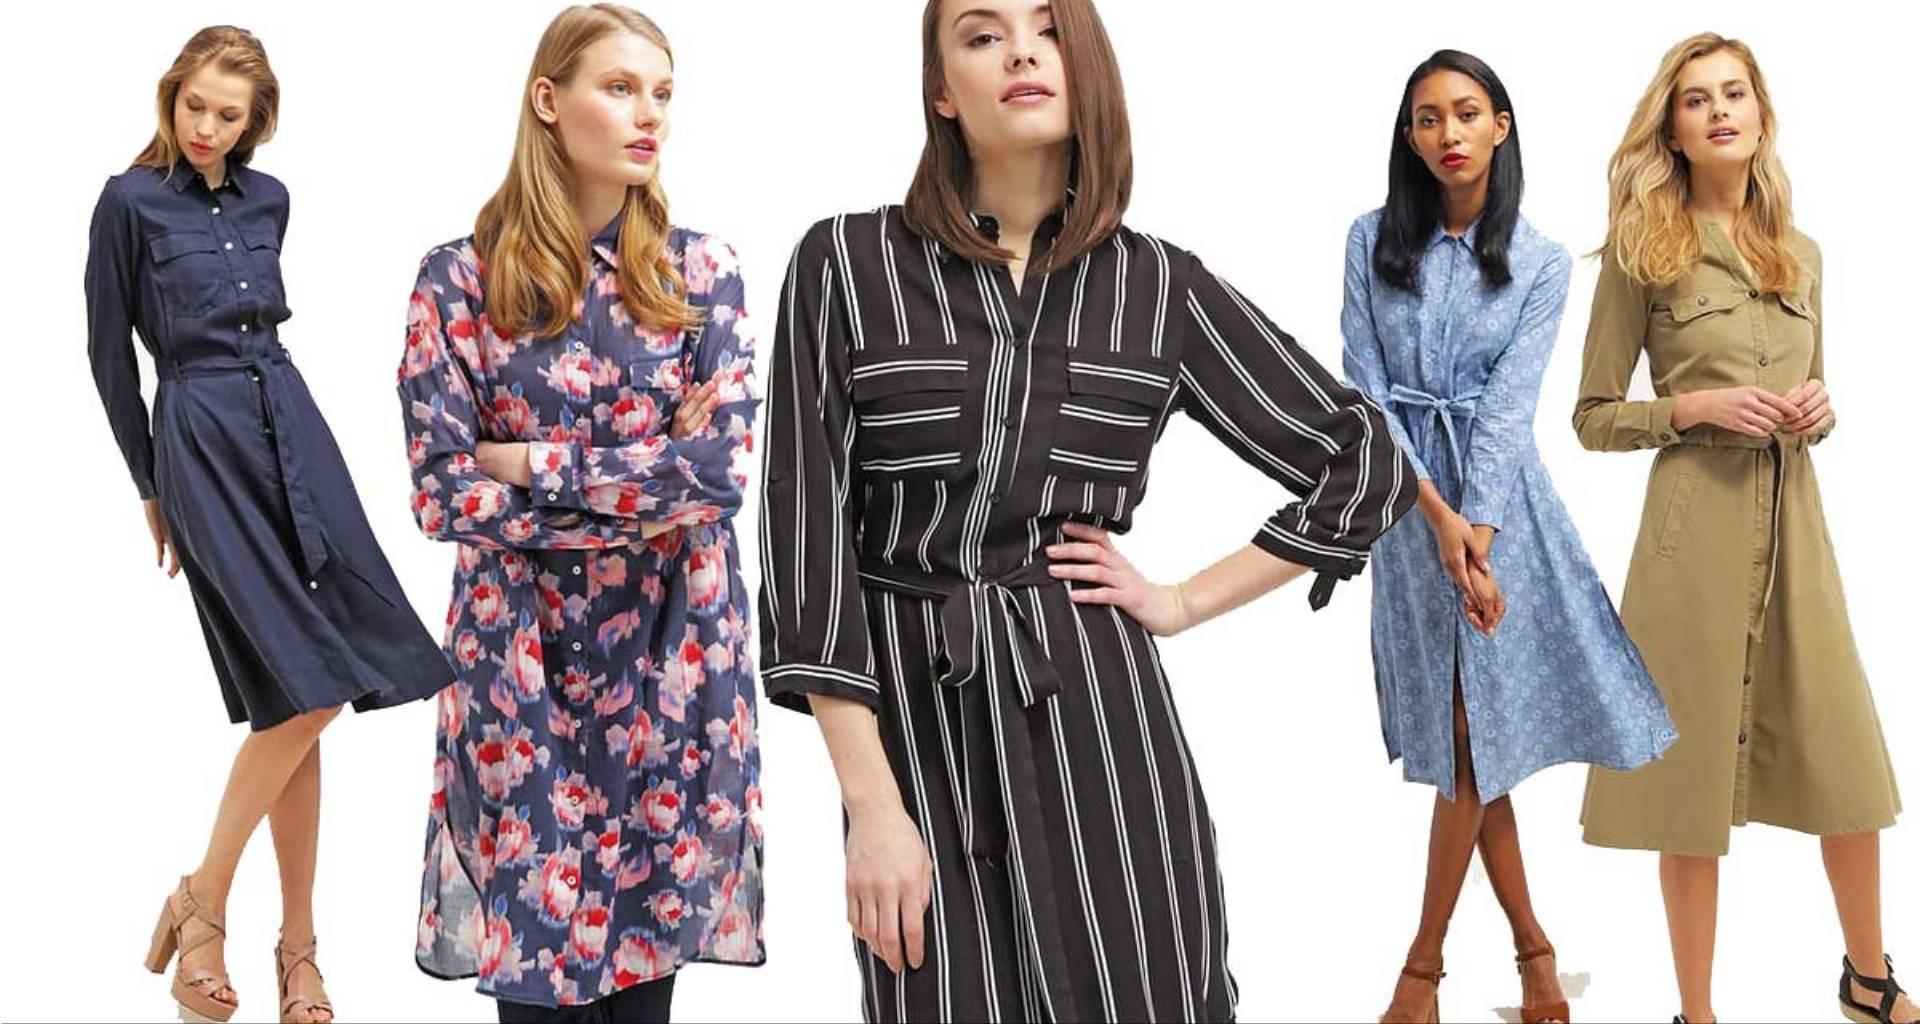 c1661b8b9162 Modne sukienki 2019 - najnowsze trendy - KobietaMag.pl